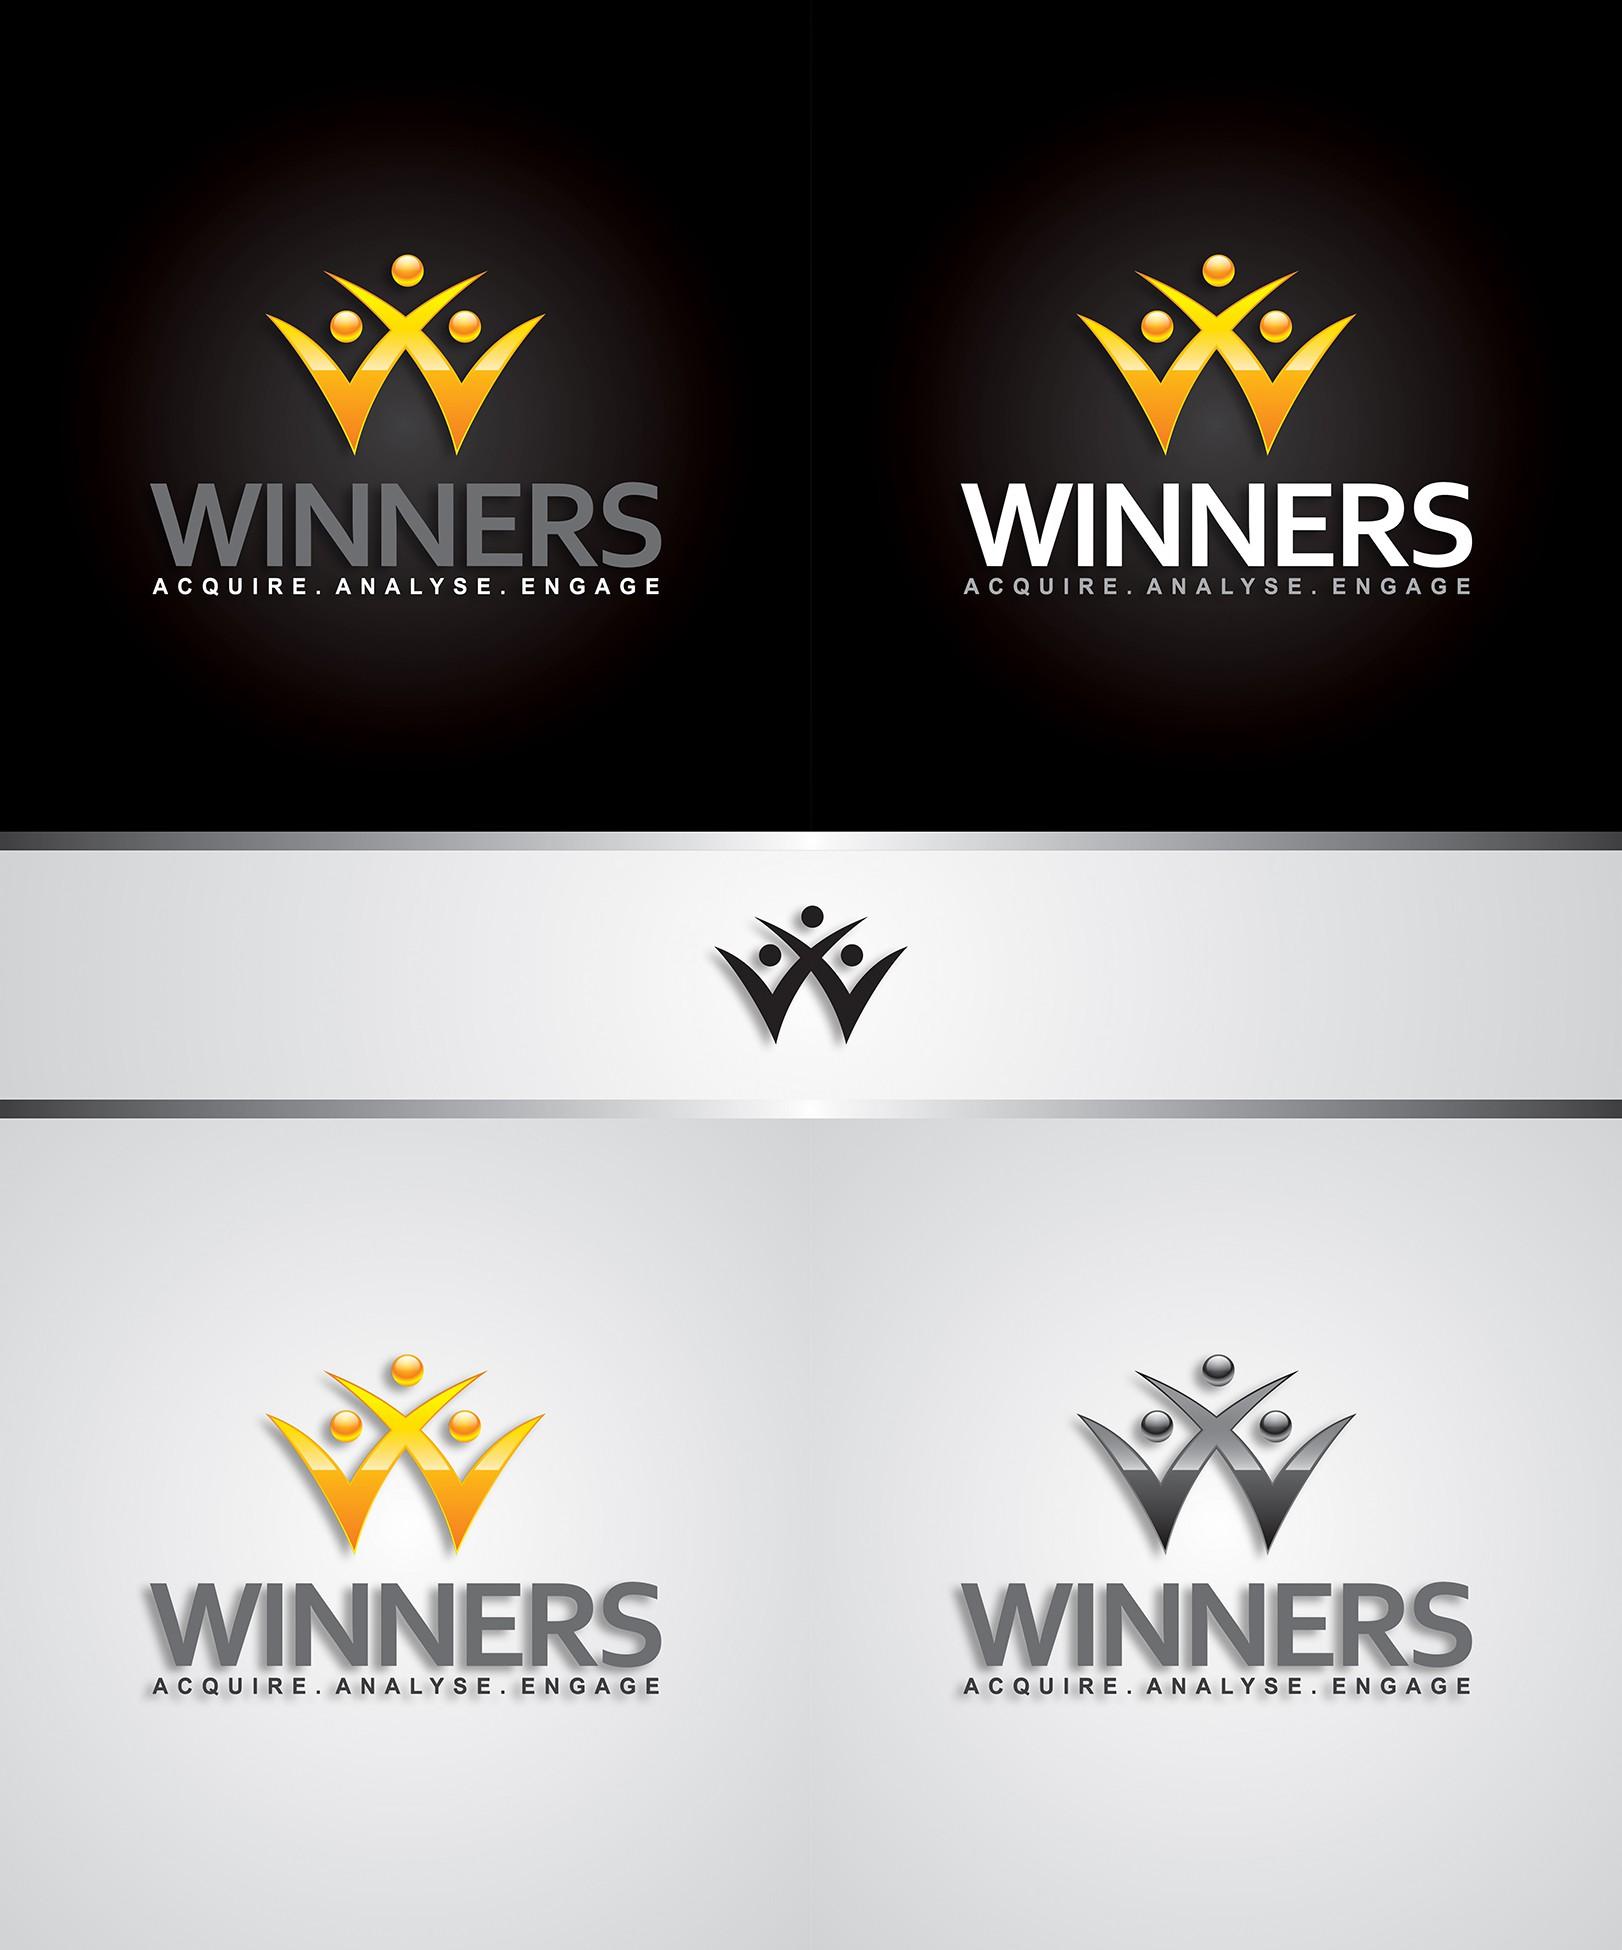 logo for Winners